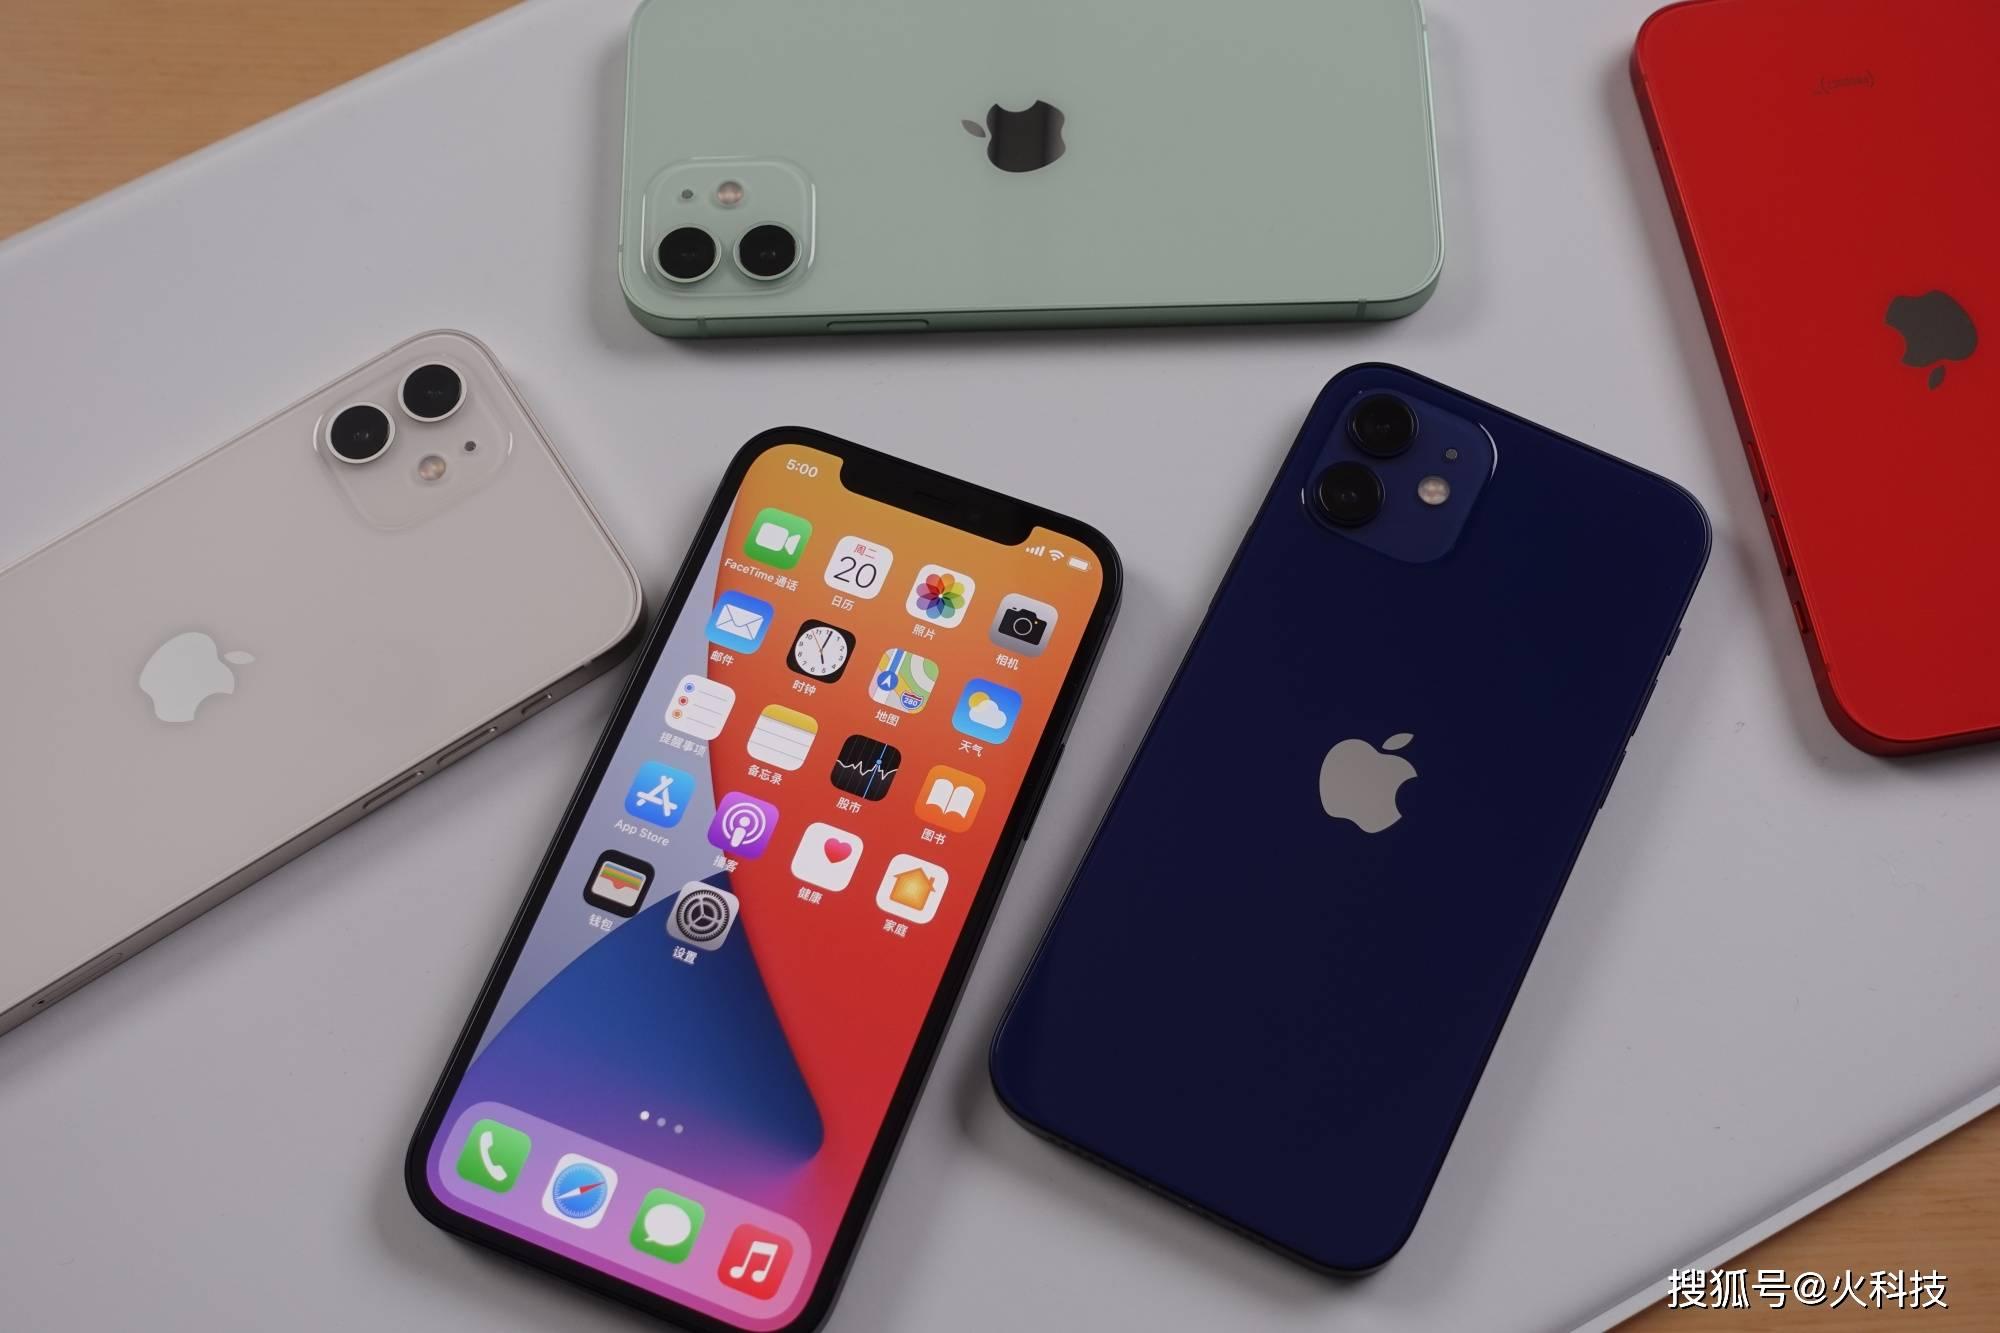 苹果和华为手机才是大部分人的第一选择,华为苹果最值得4款手机